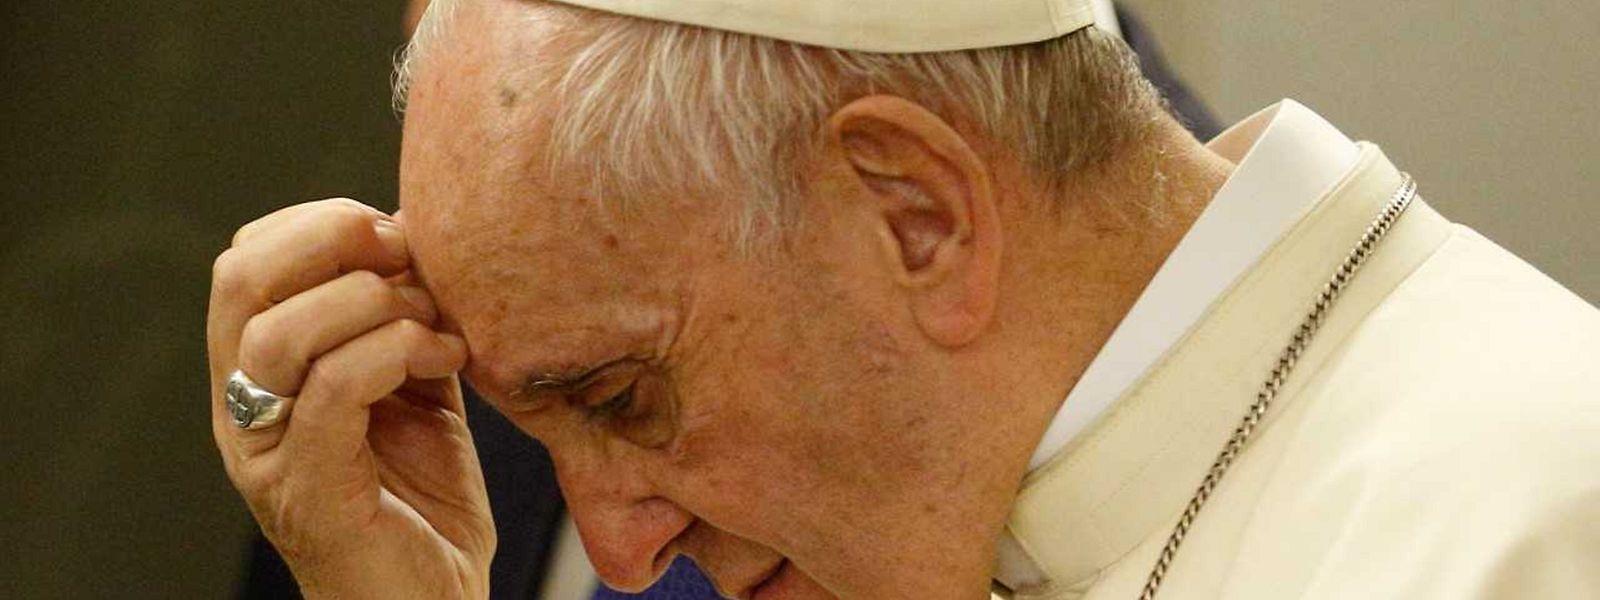 Nach dem Willen von Papst Franziskus soll die katholische Kirche den Skandal des sexuellen Missbrauchs durch Kleriker weltweit und grundsätzlich angehen.